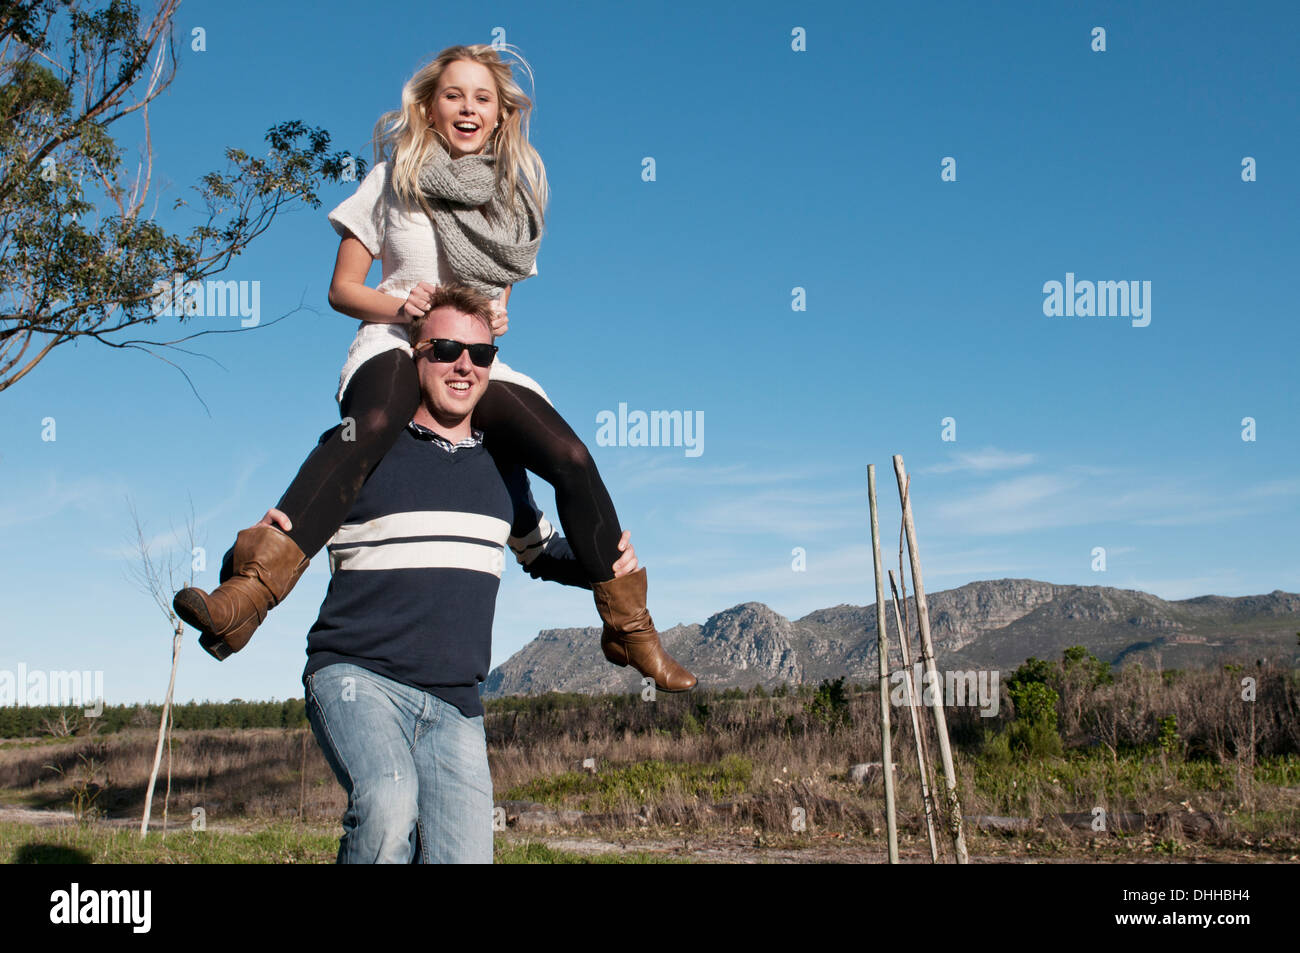 Junge Womans auf Freund Schultern sitzen Stockbild